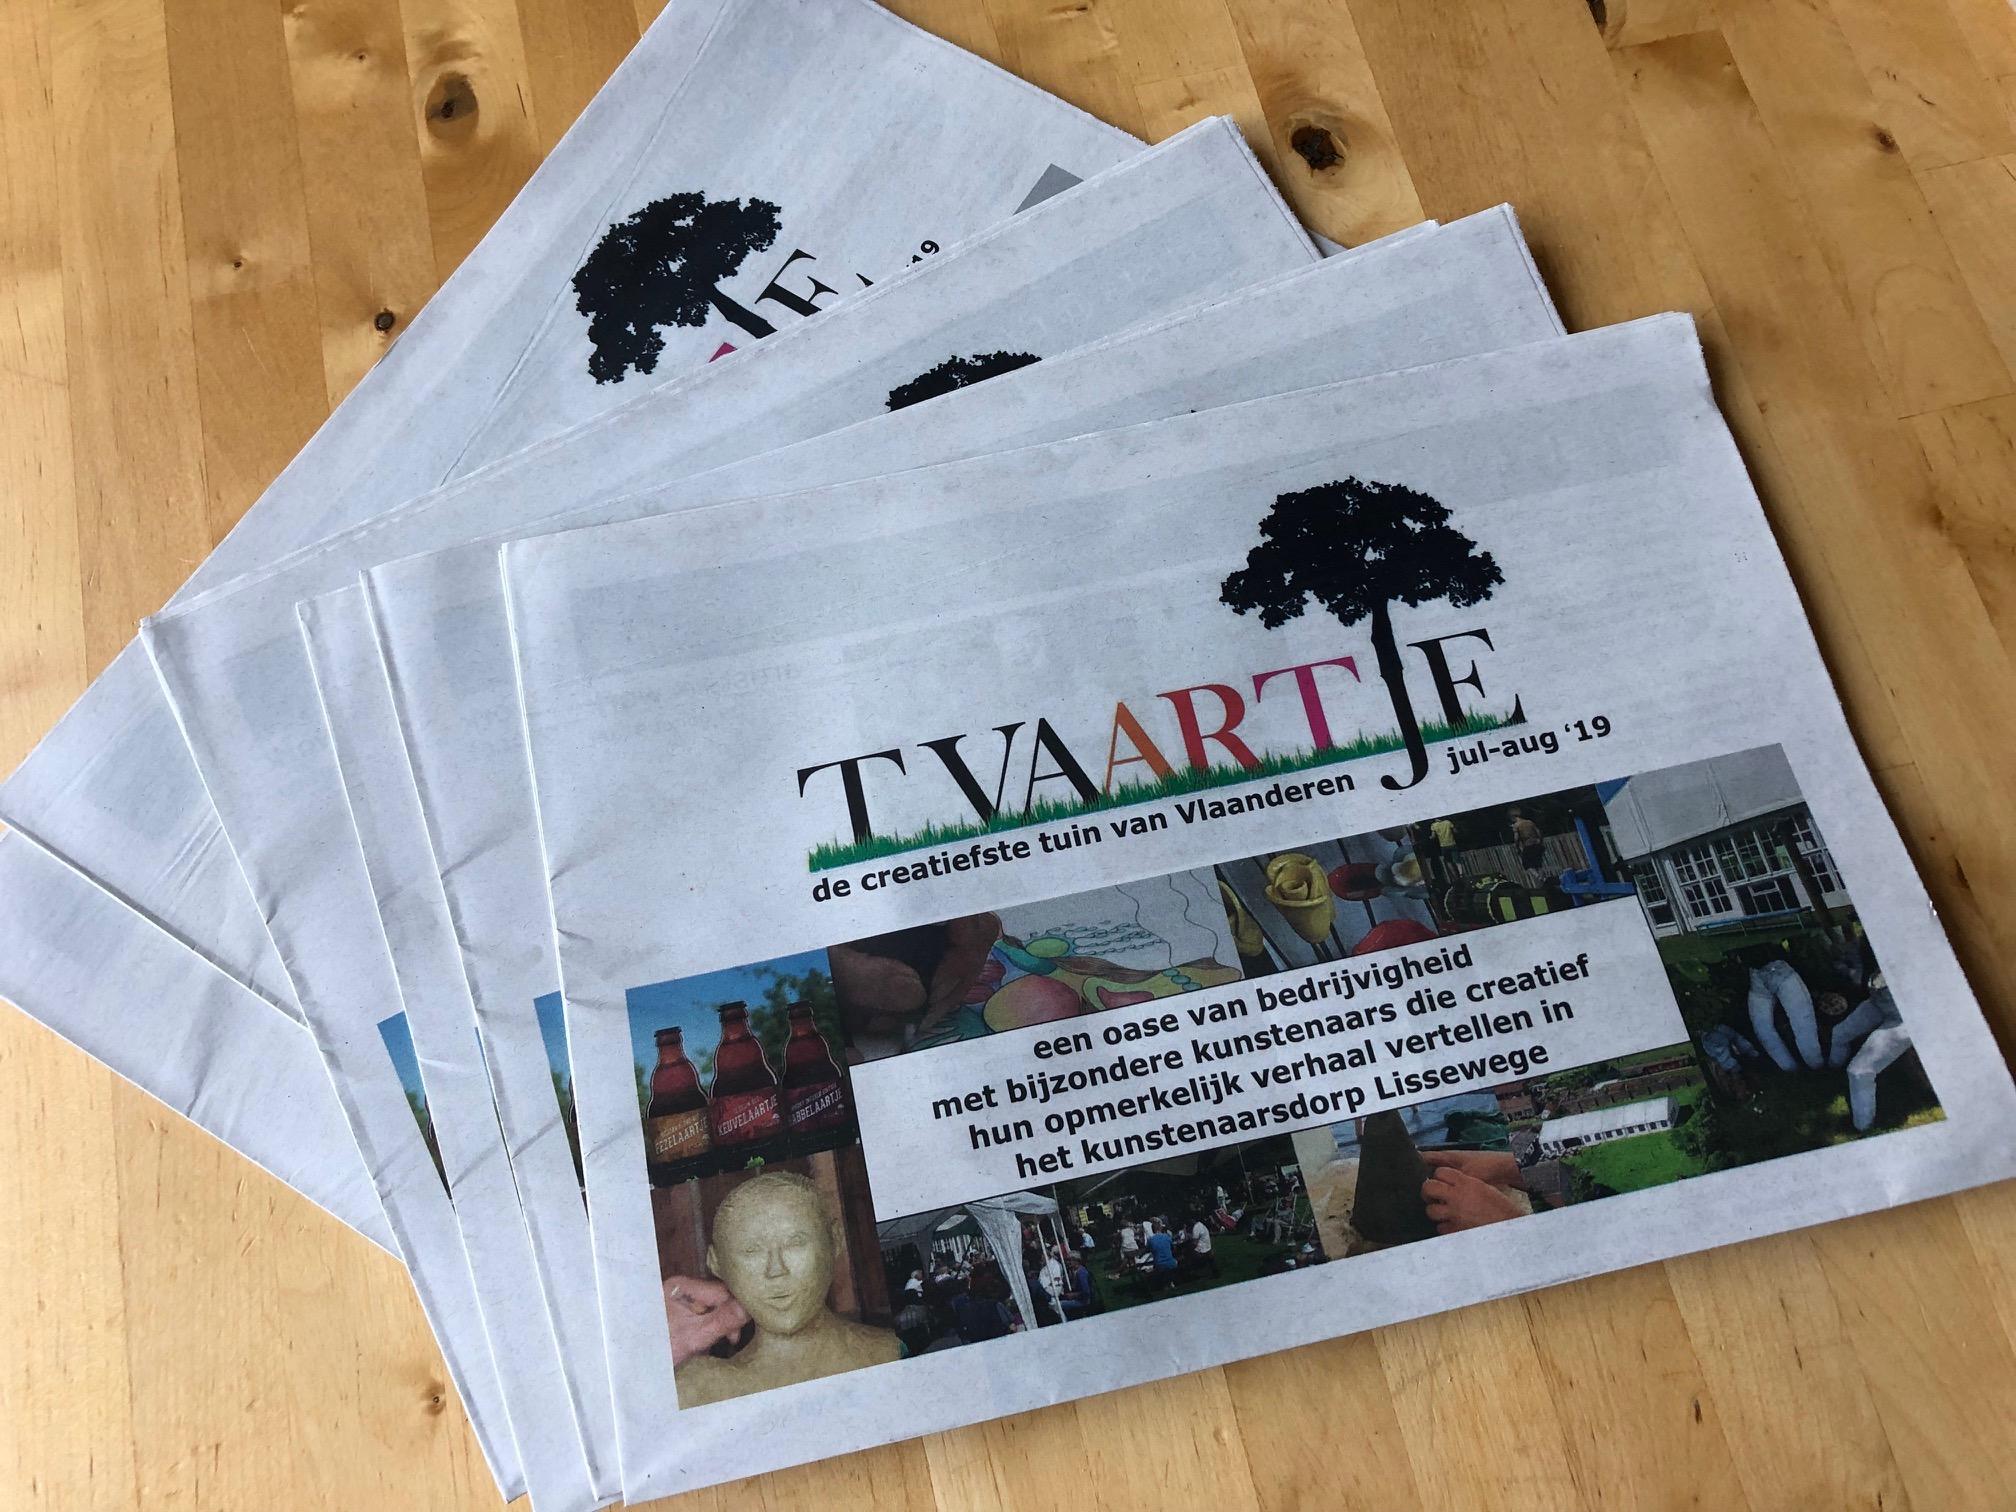 krant tVaartje 2019